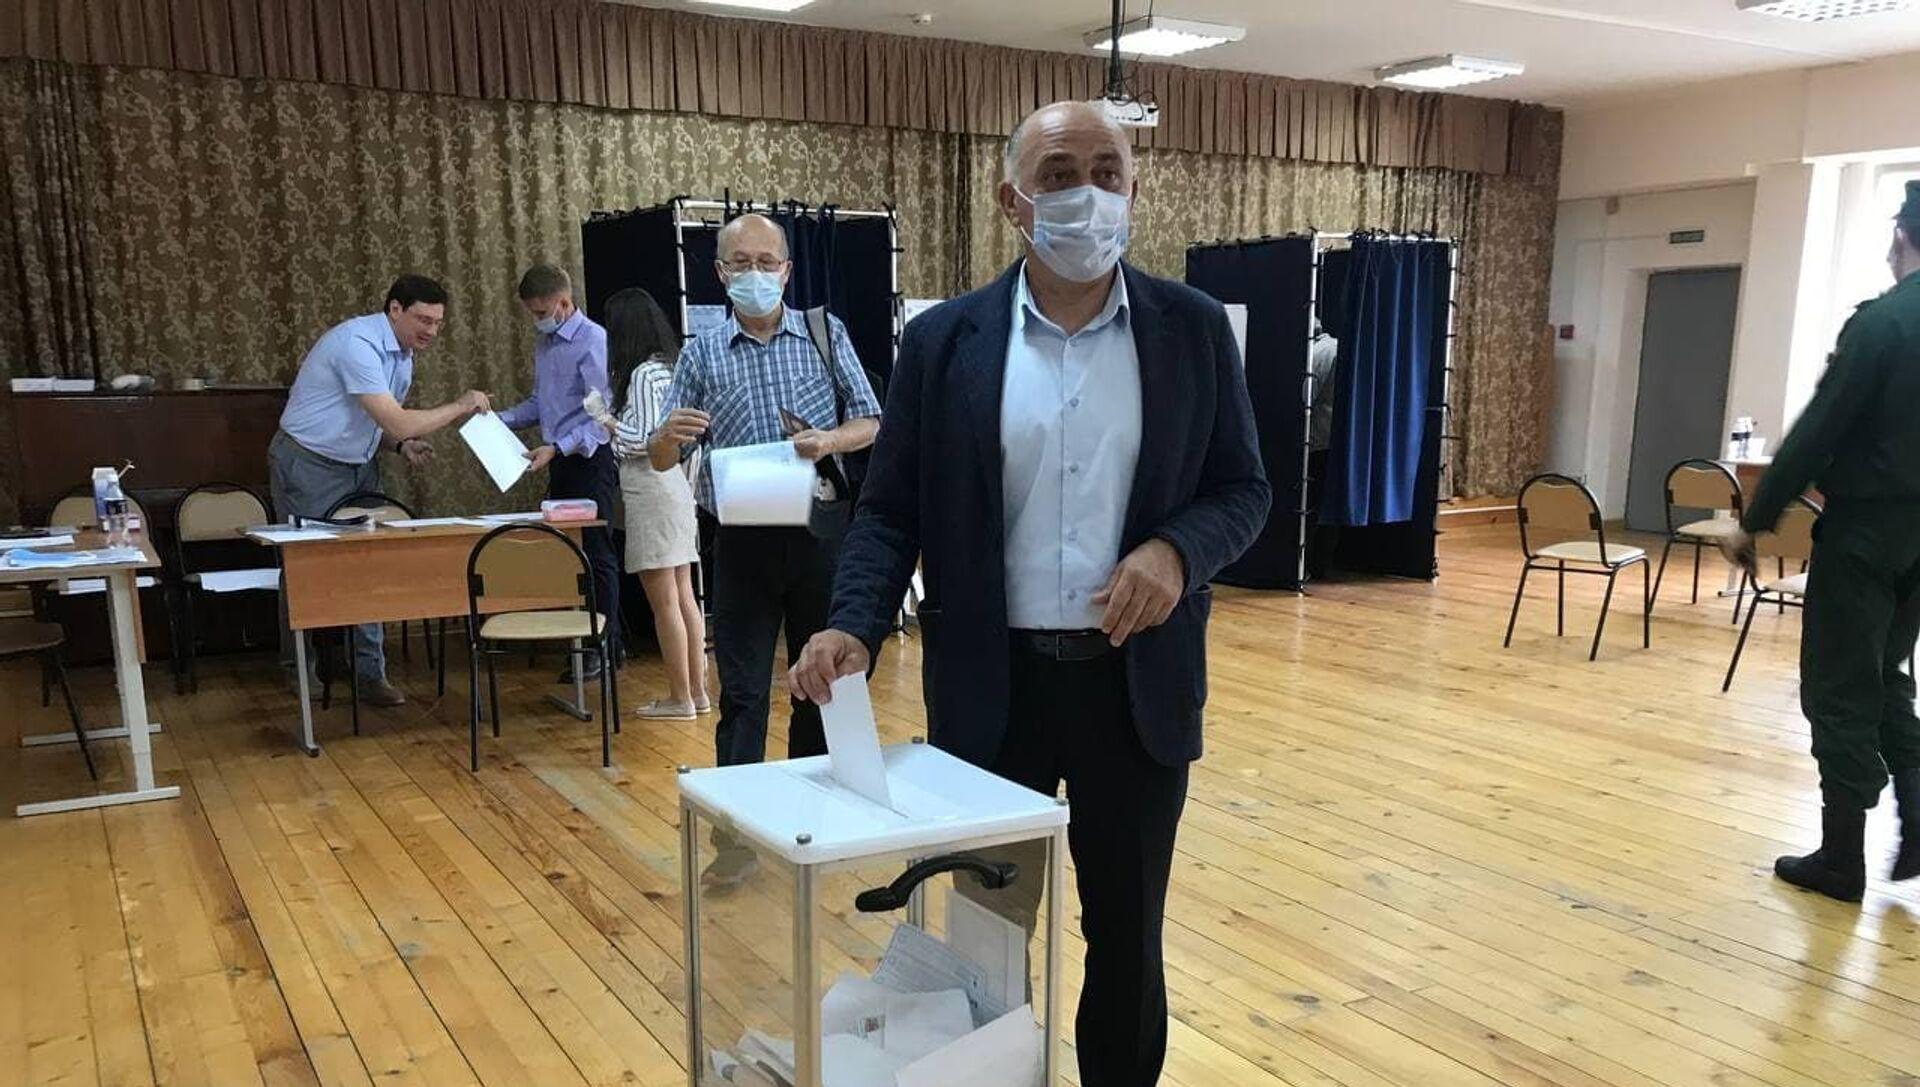 Баграт Боджгуа проголосовал на выборах в Госдуму России  - Sputnik Абхазия, 1920, 19.09.2021